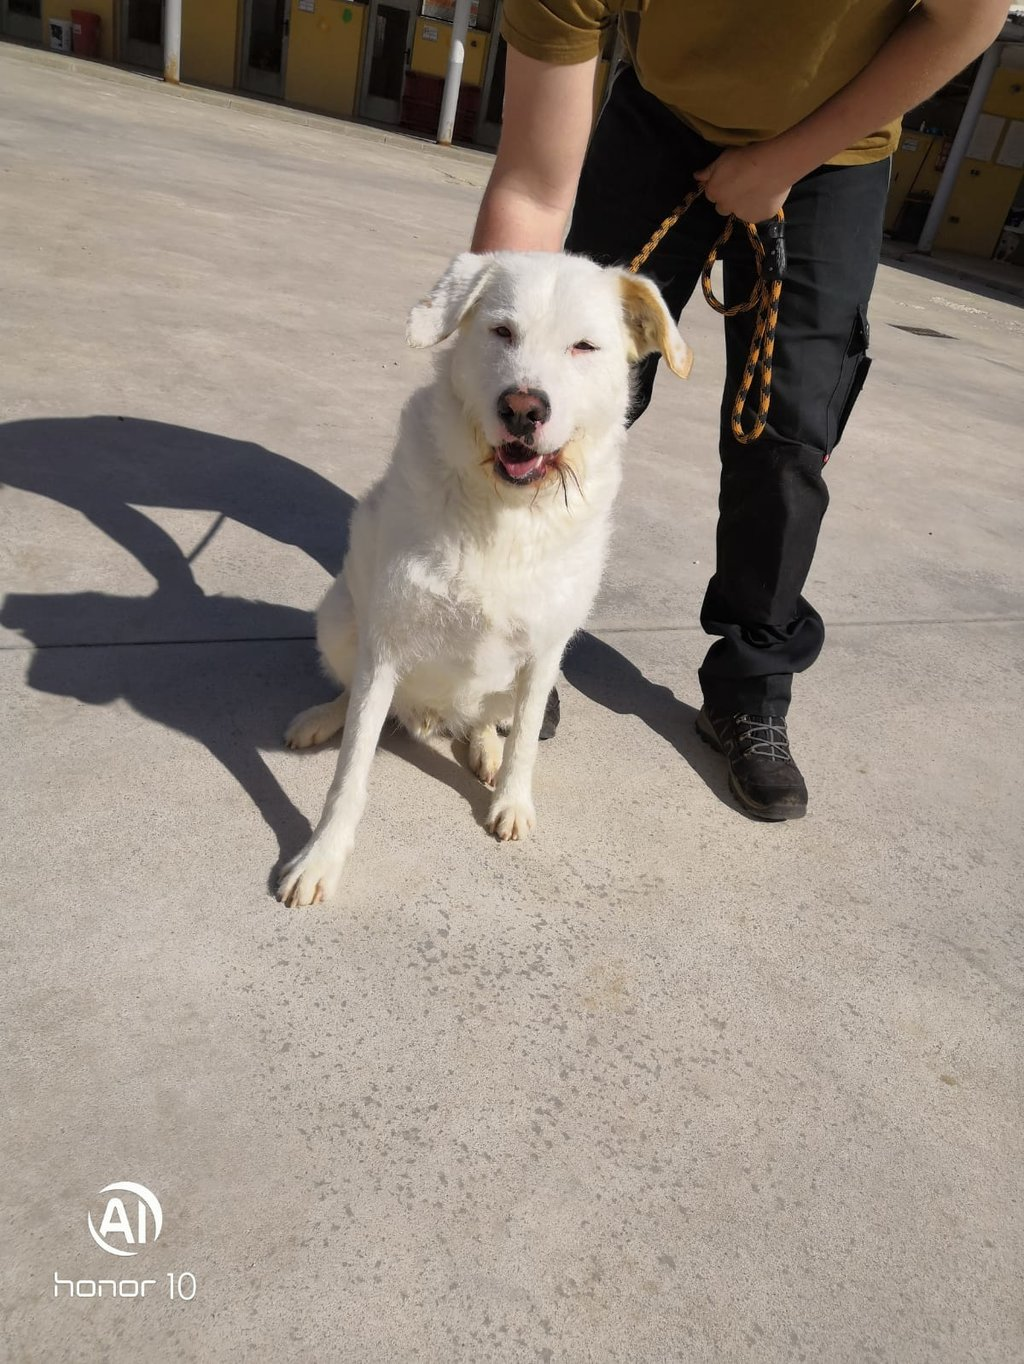 Bildertagebuch - THOR, kein Hund für Couchpotatoes - ÜBER ANDERE ORGA VERMITTELT - 35667763wt